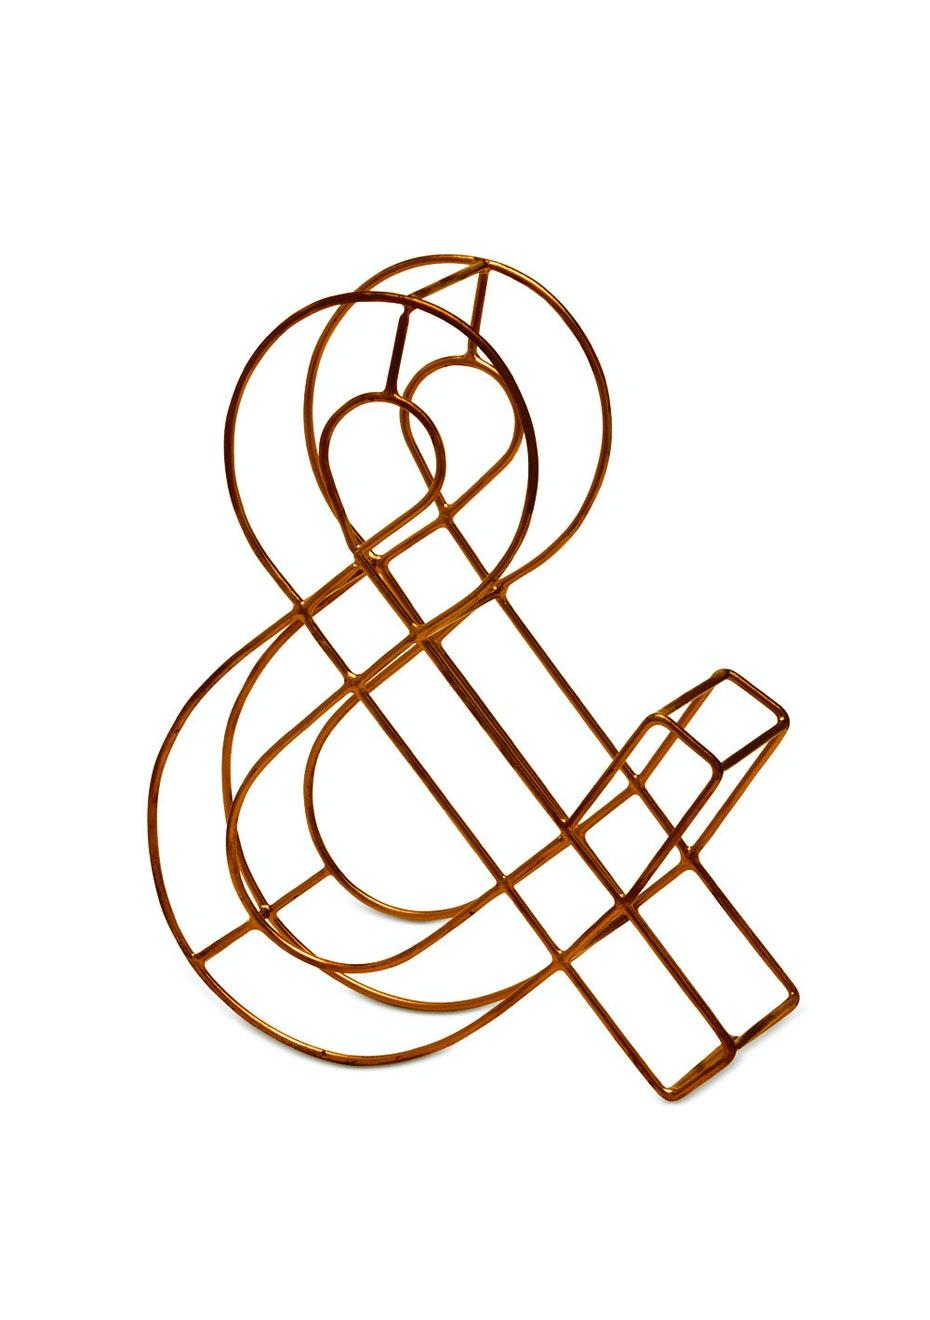 Me & My Trend - Copper Wire Decorative